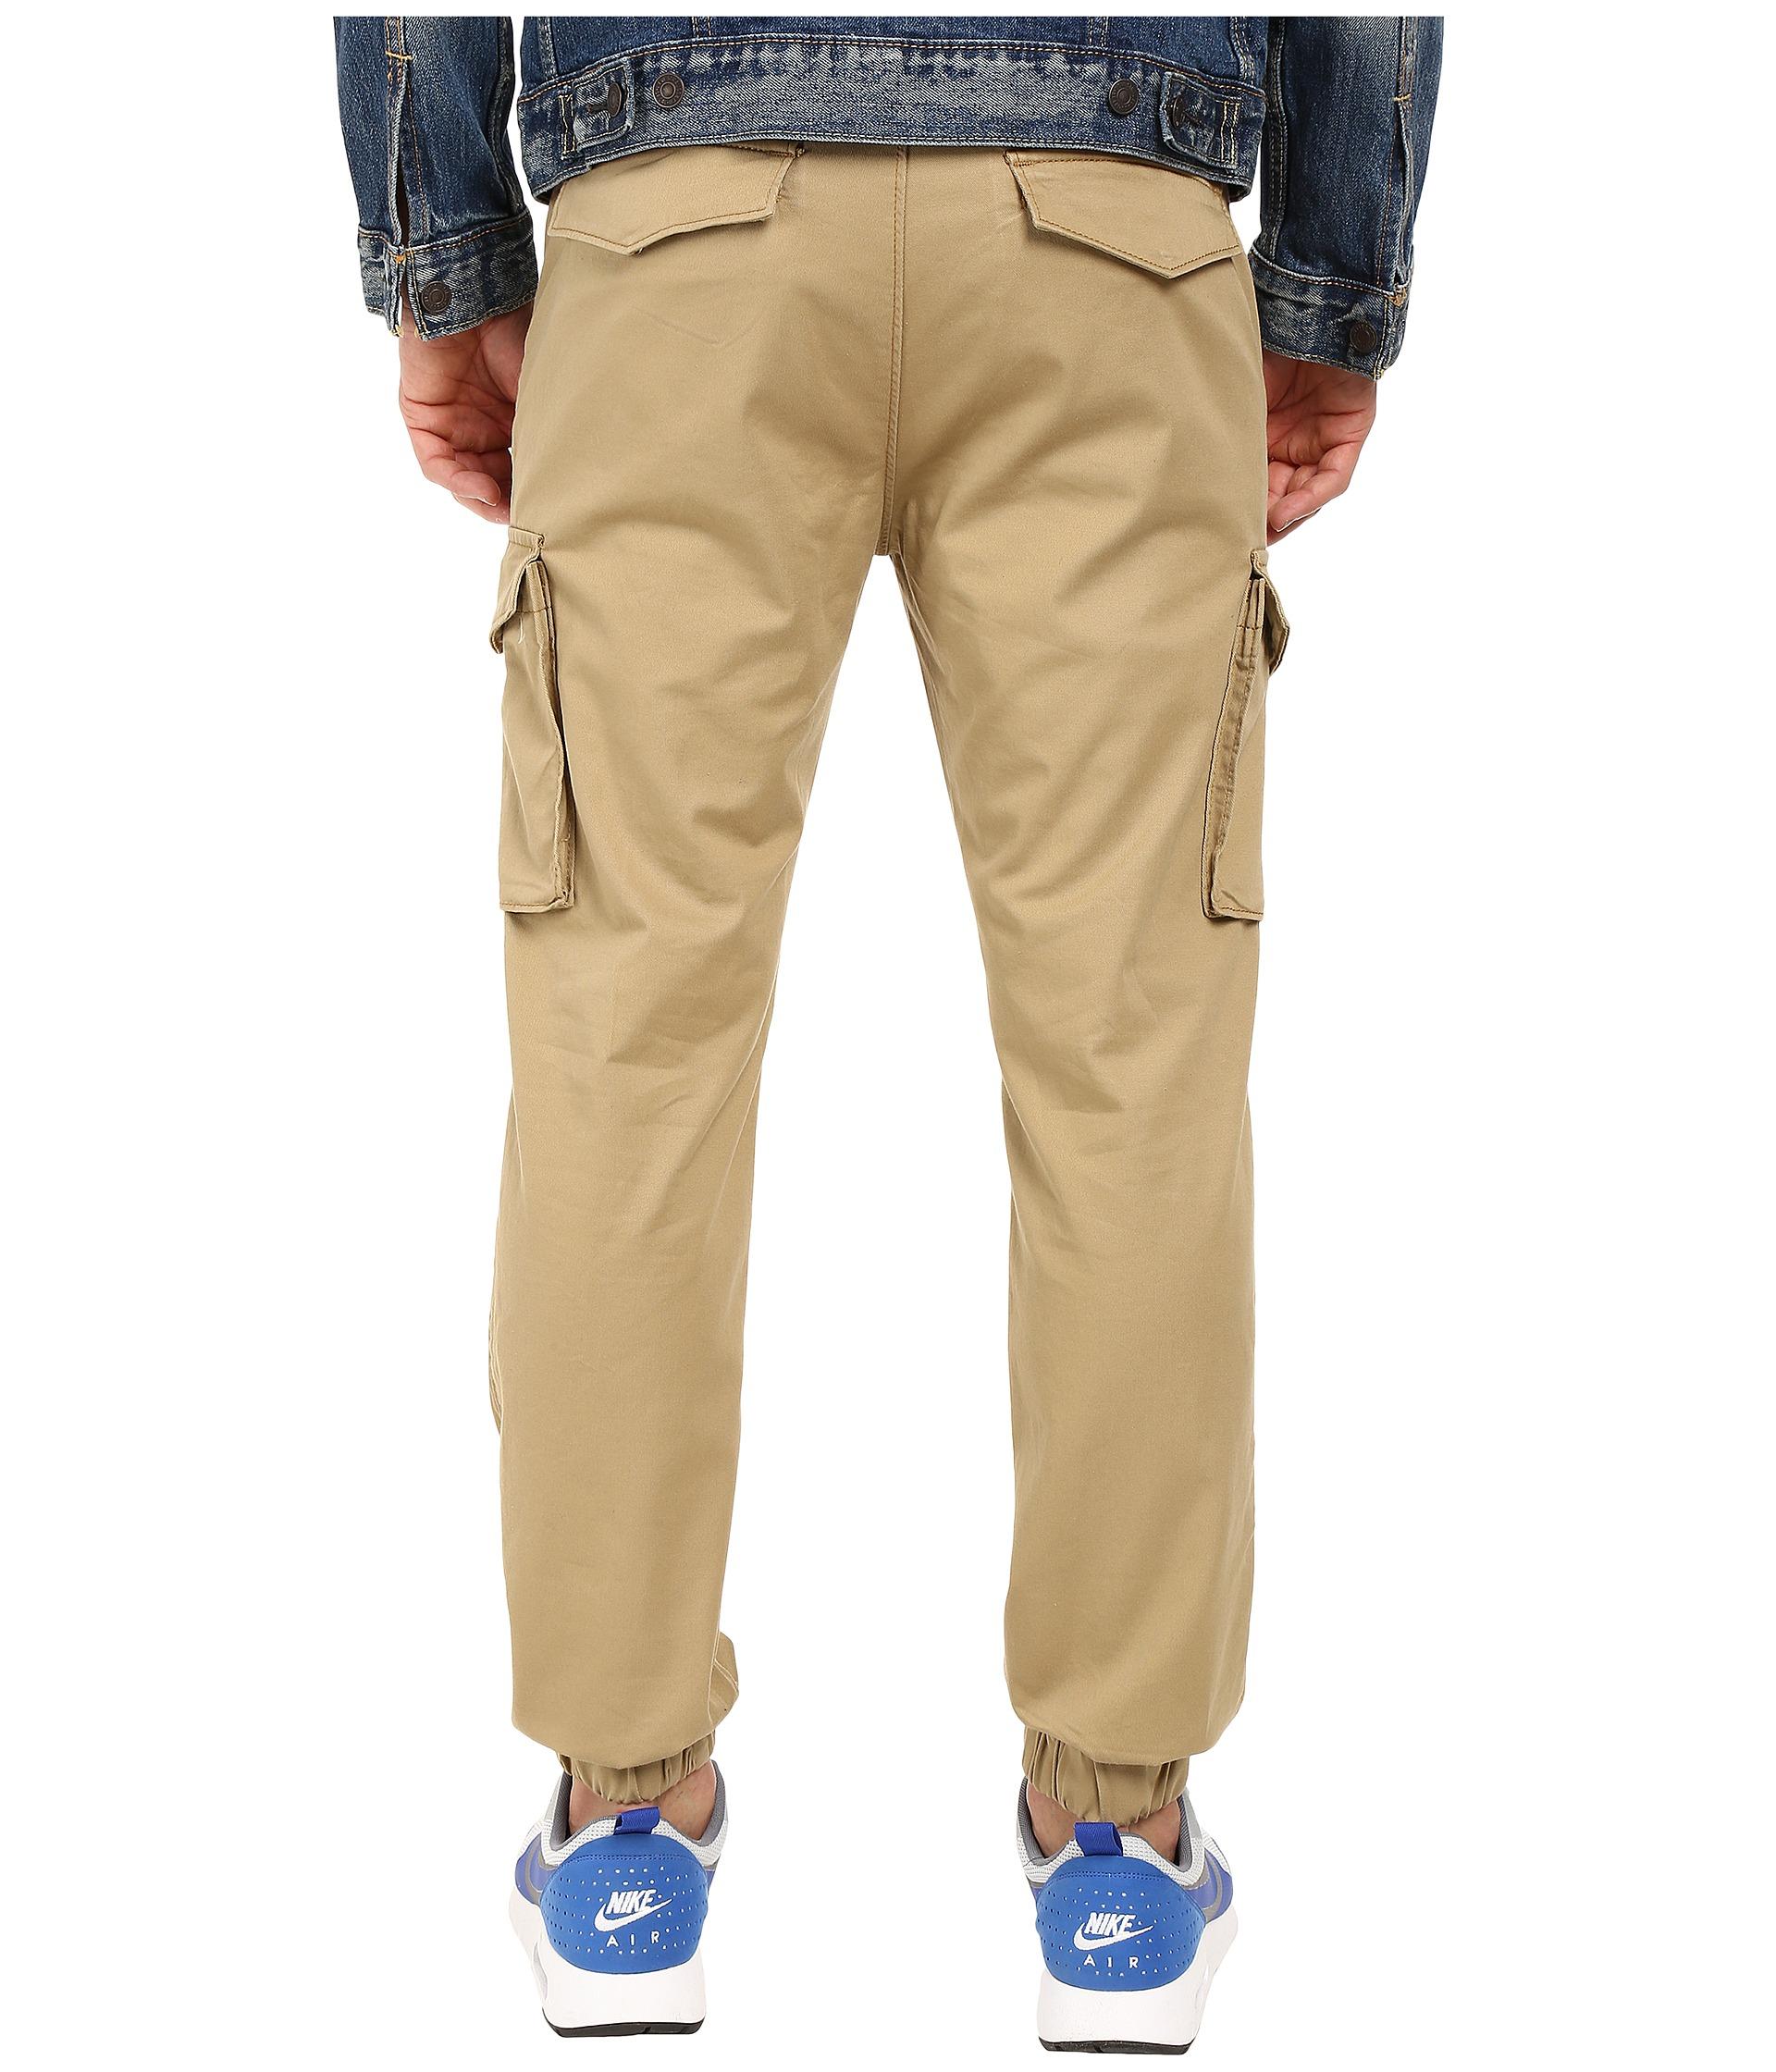 Levi's® Mens Cargo Jogger Pants at Zappos.com